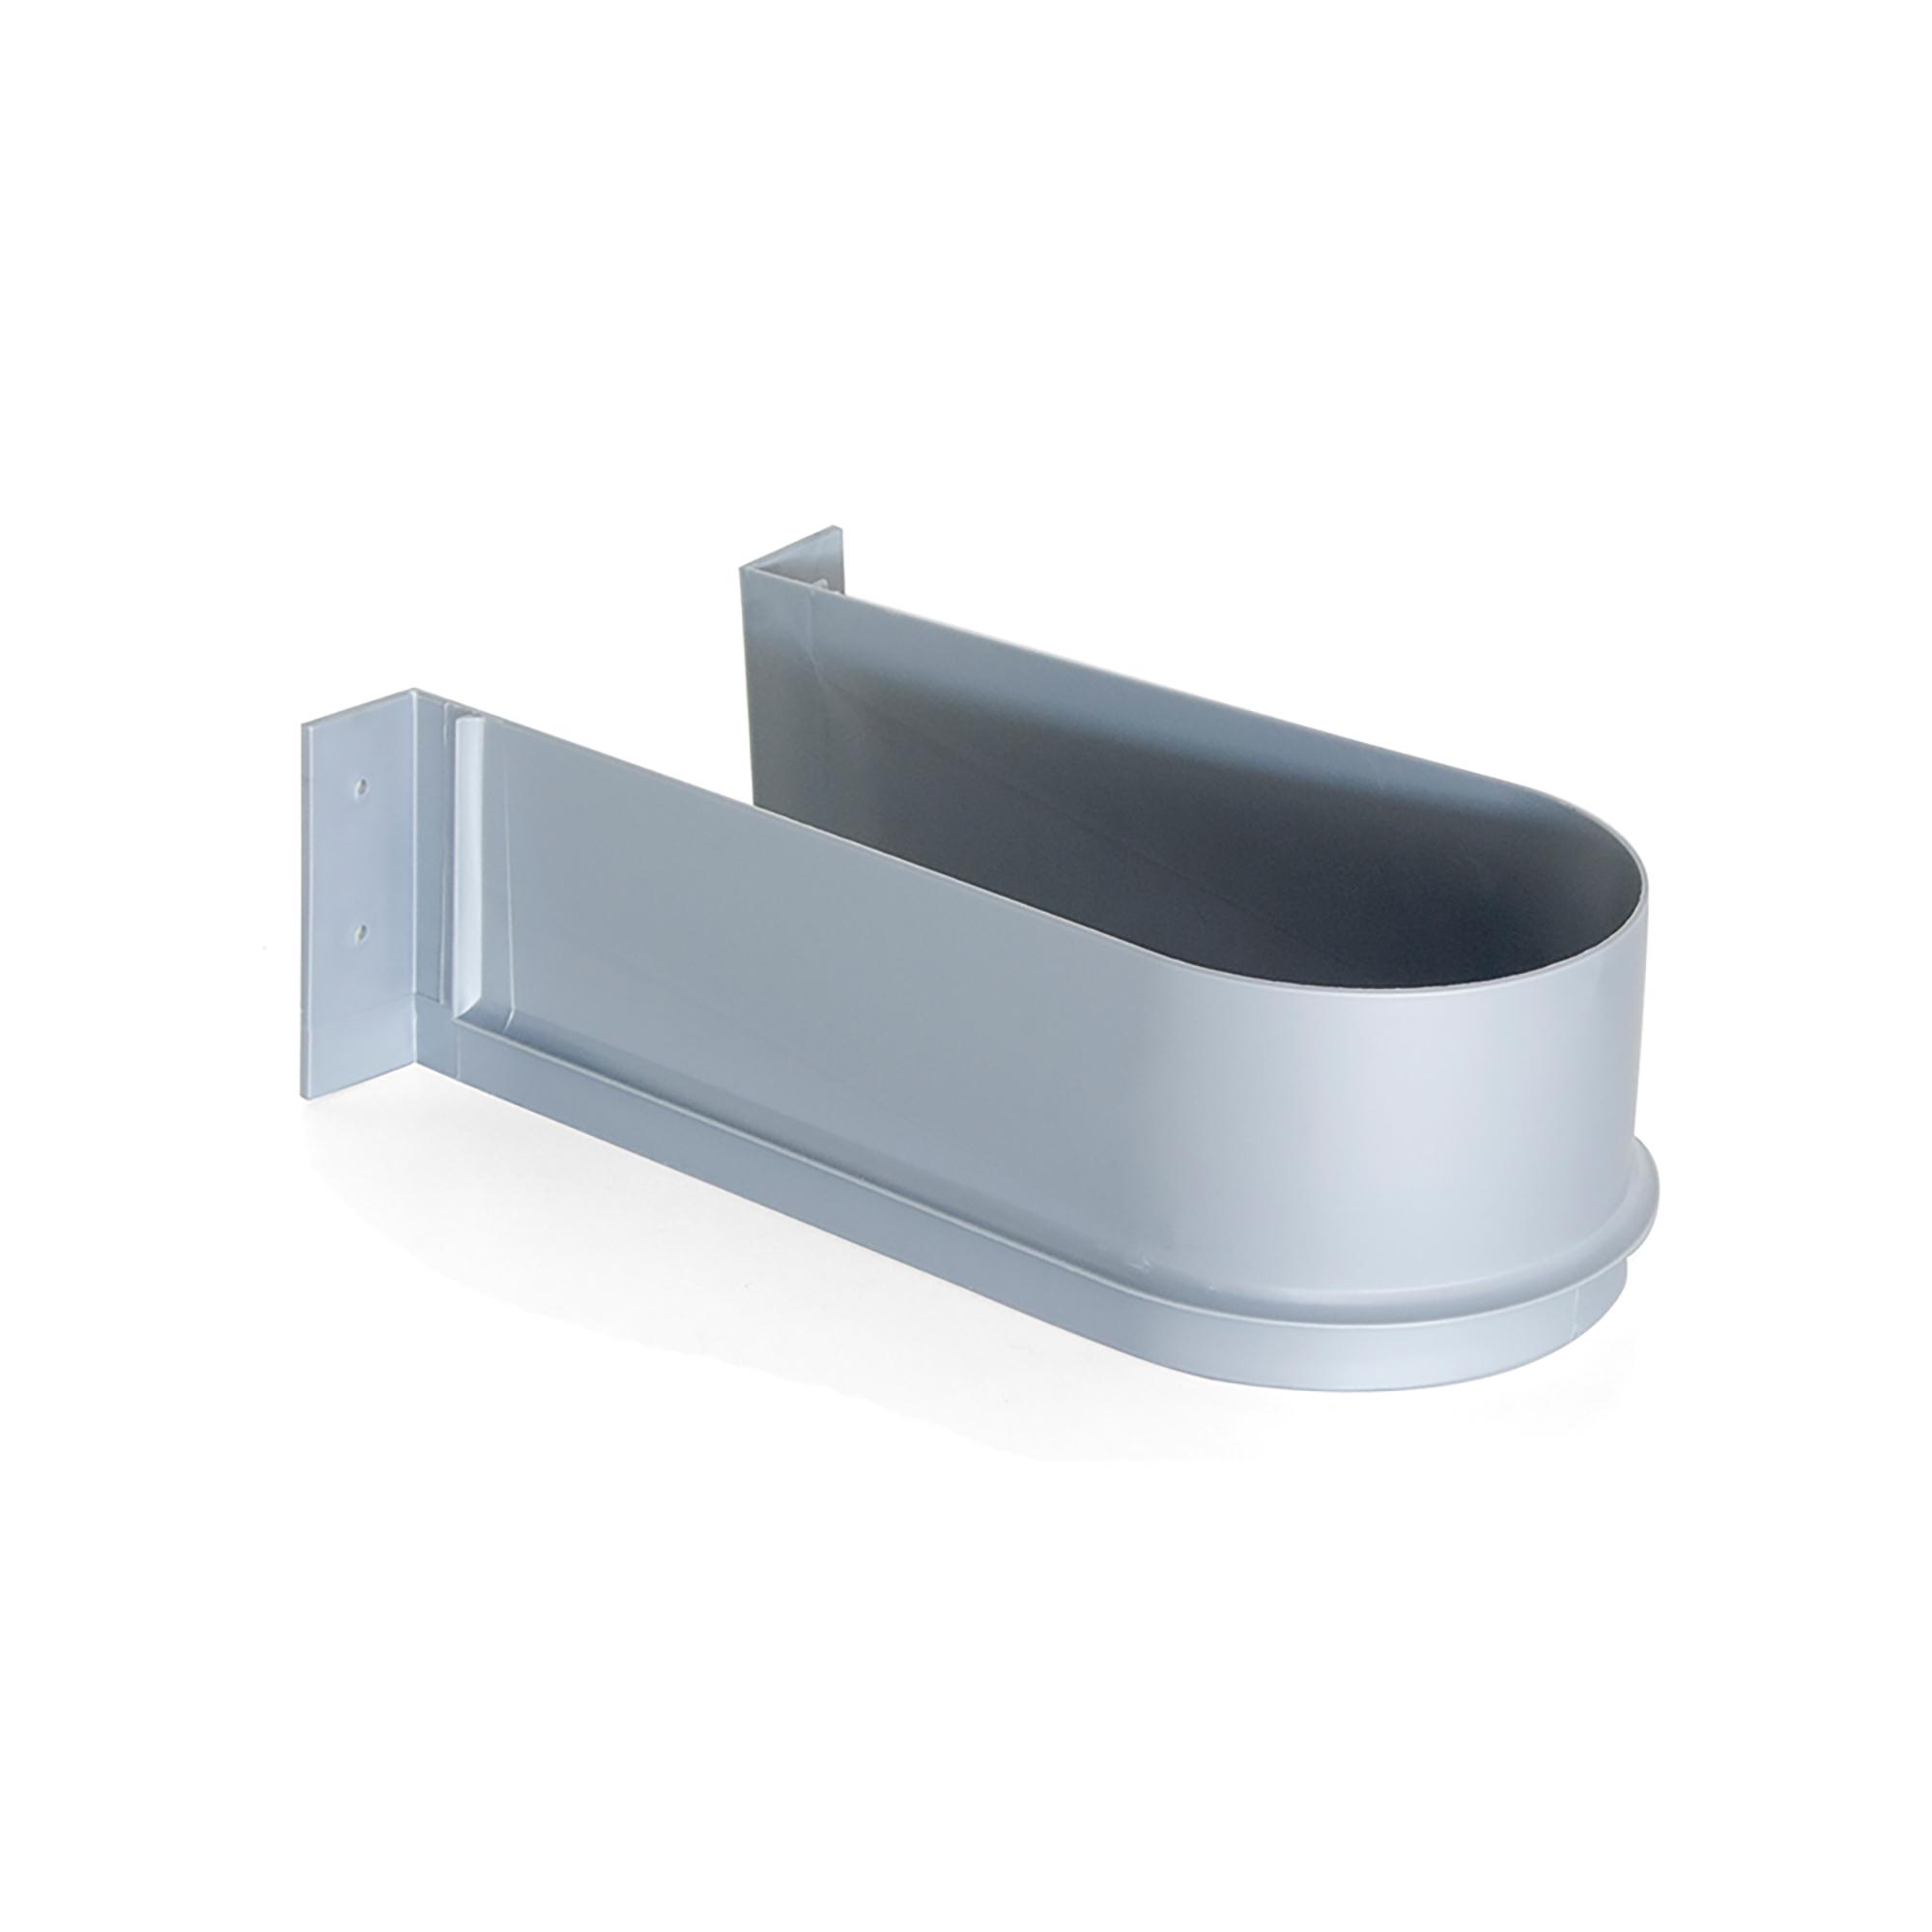 Salva sifone curvo per cassetti del bagno grigio Emuca